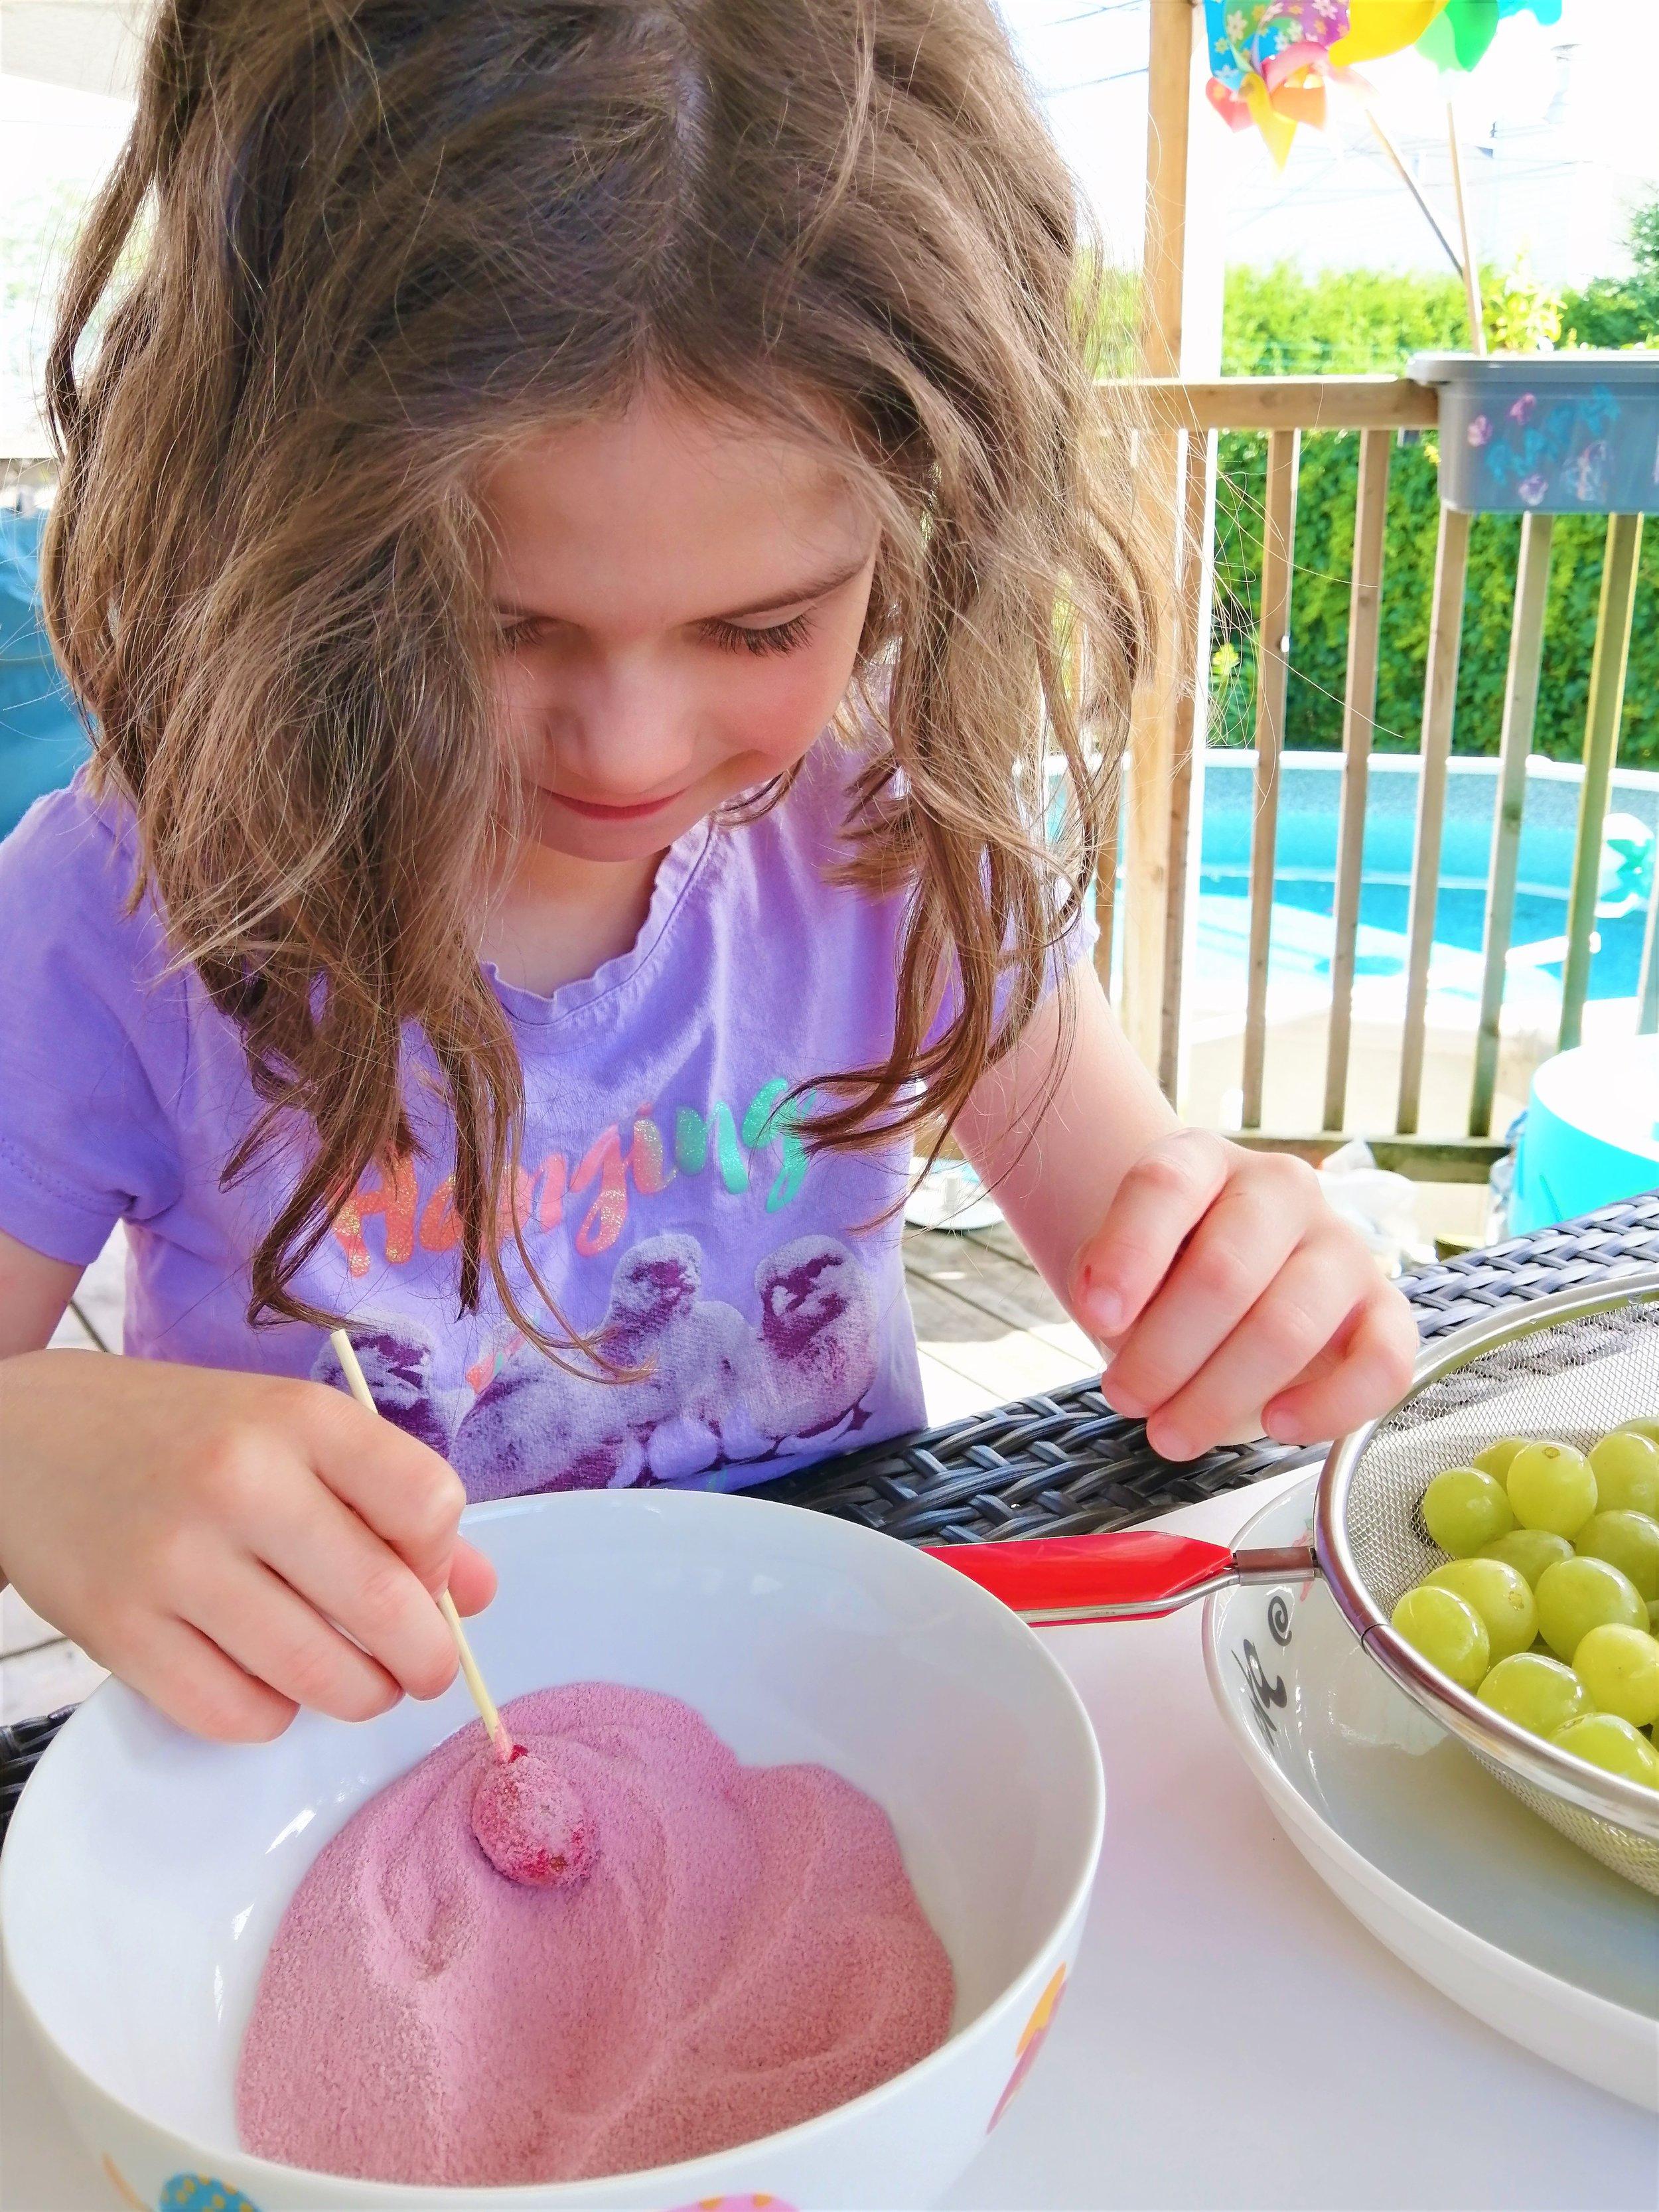 raisins-colorés-collation-poudre-jello-bonbon-santé-cuisine-recette-famille-miam-délice-